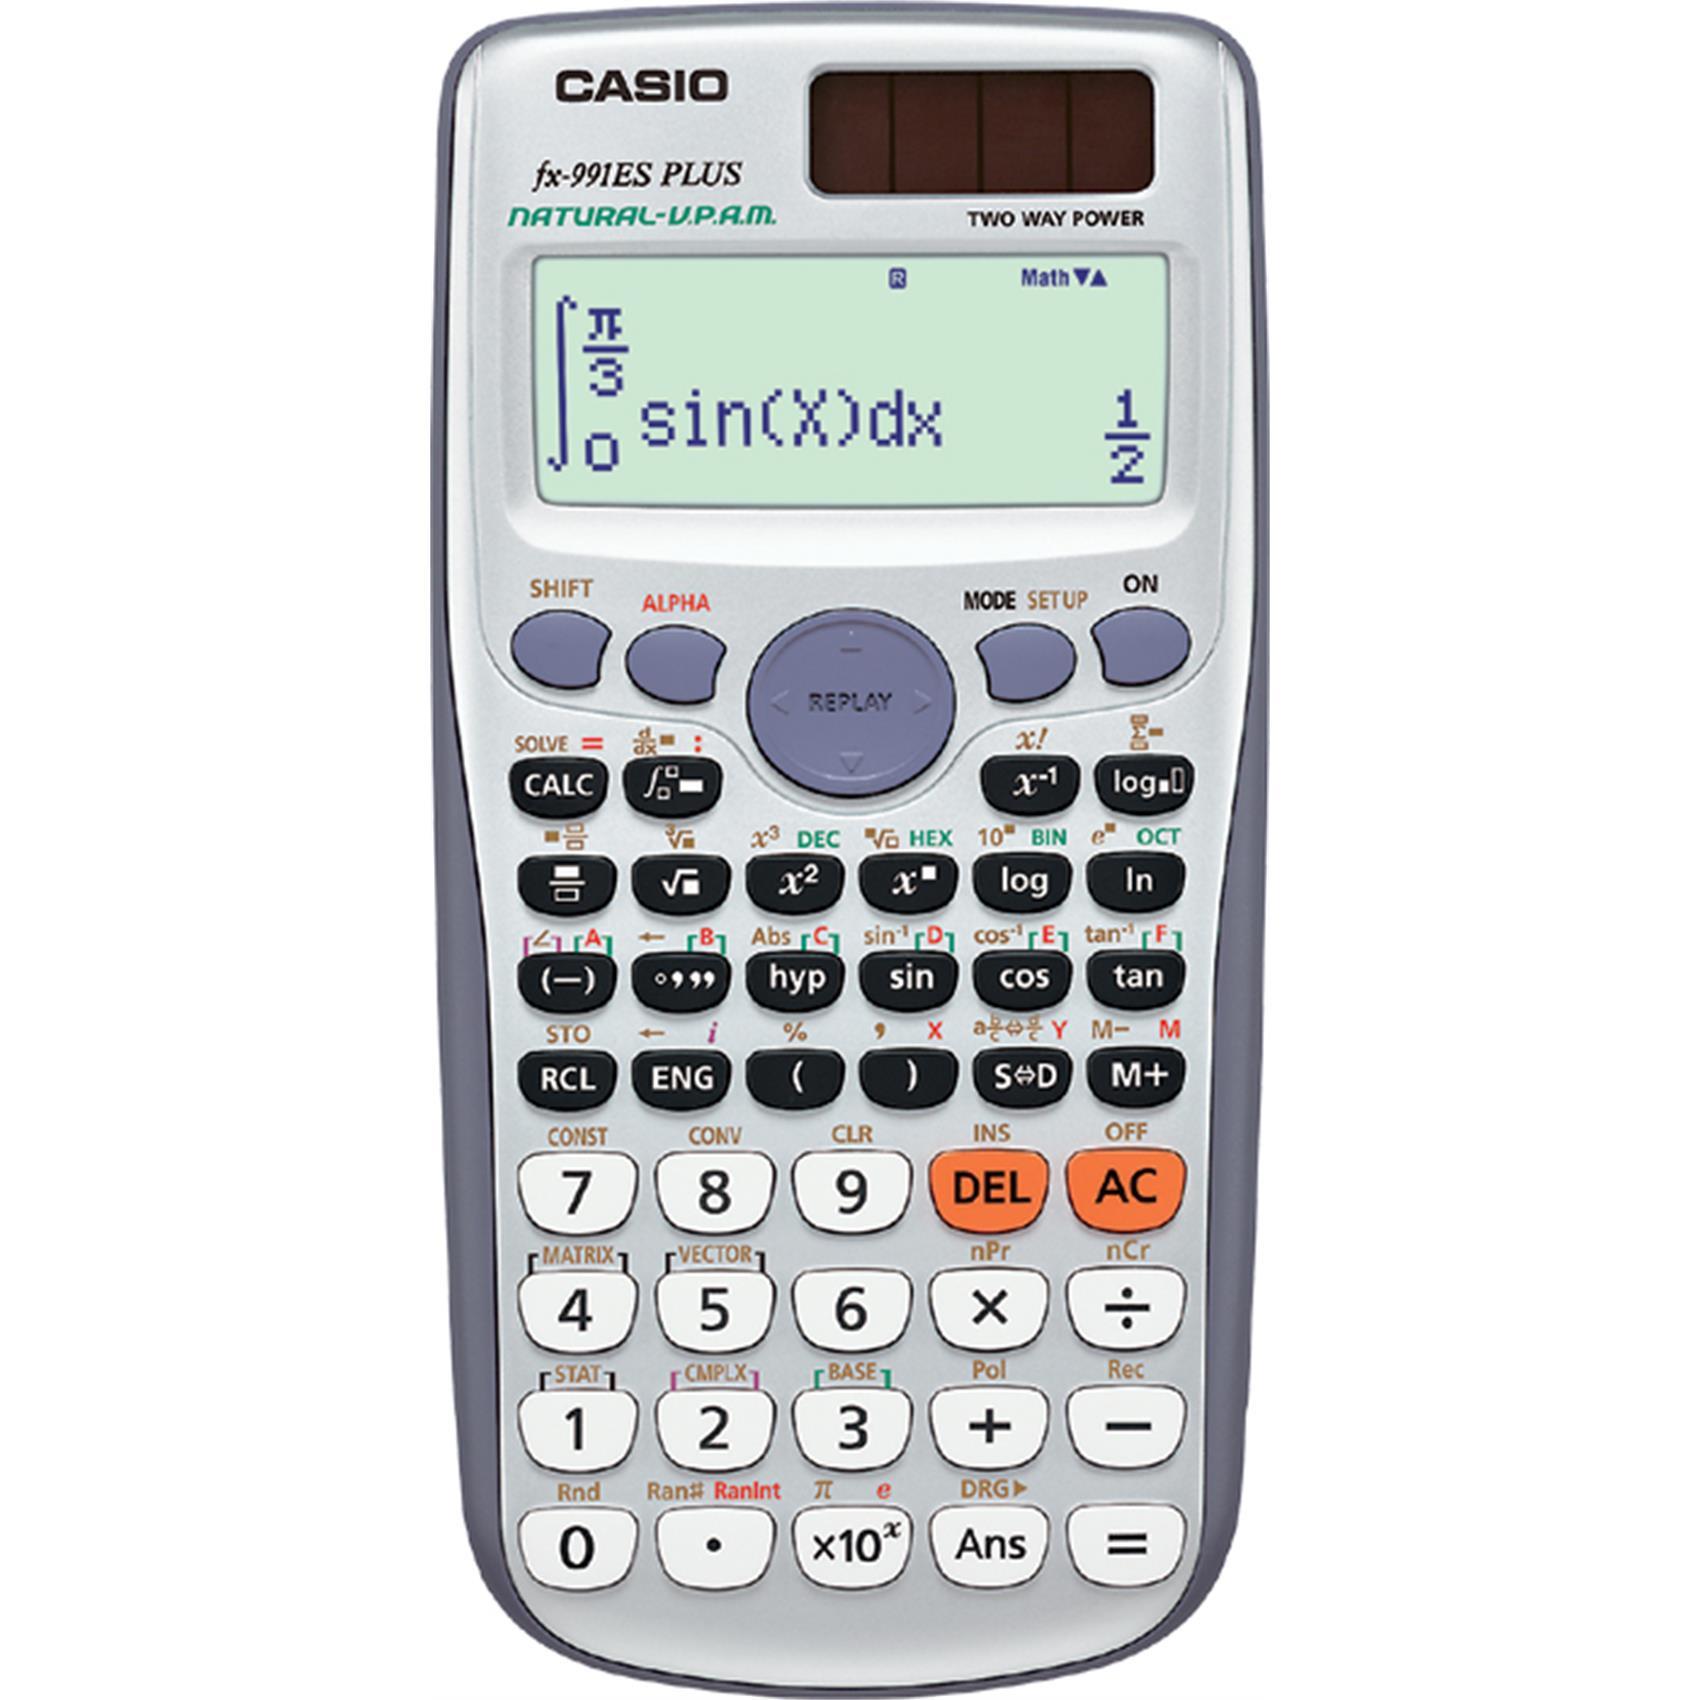 CASIO FX-991ES PLUS SCIENTIFIC